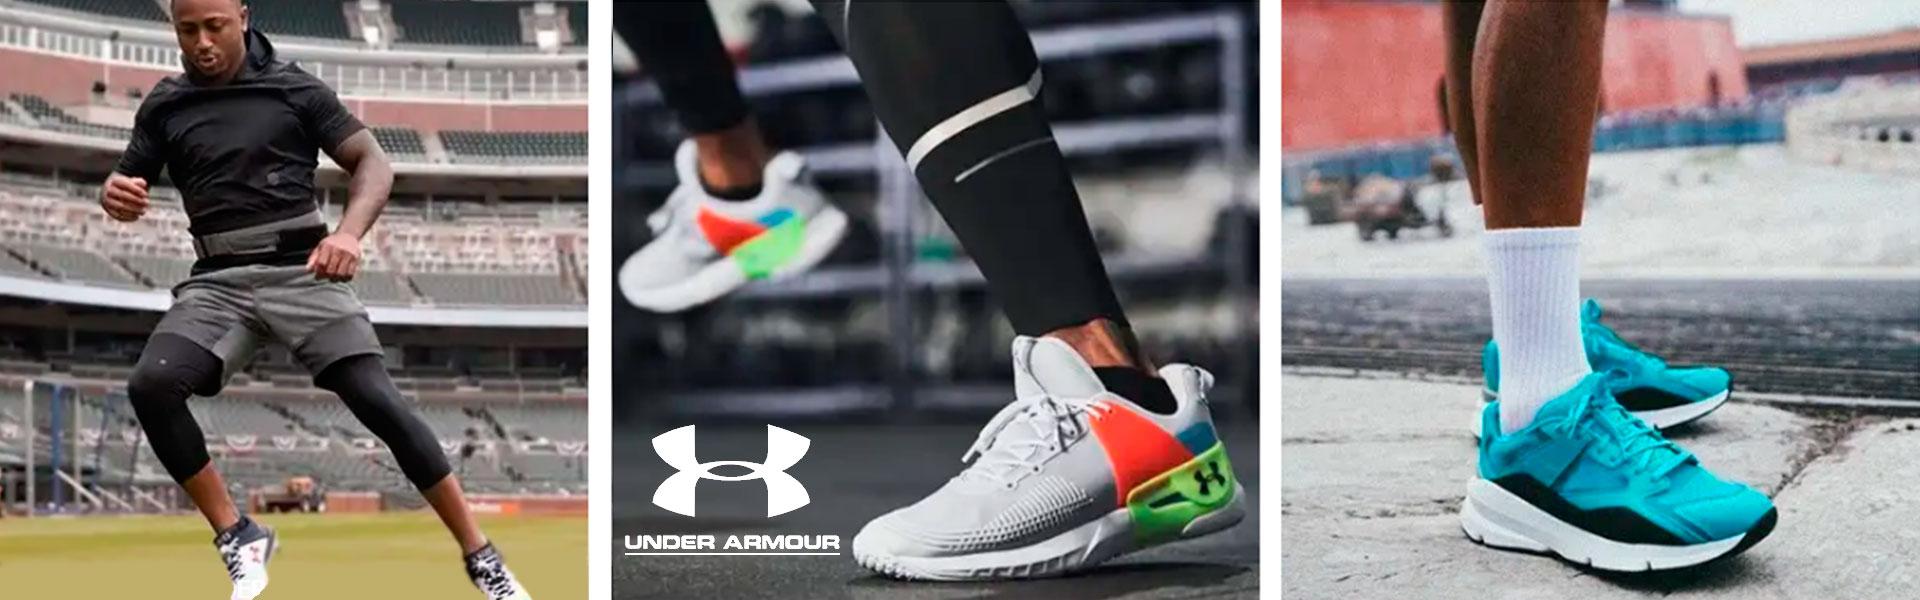 Кроссовки, спортивная обувь Under Armour